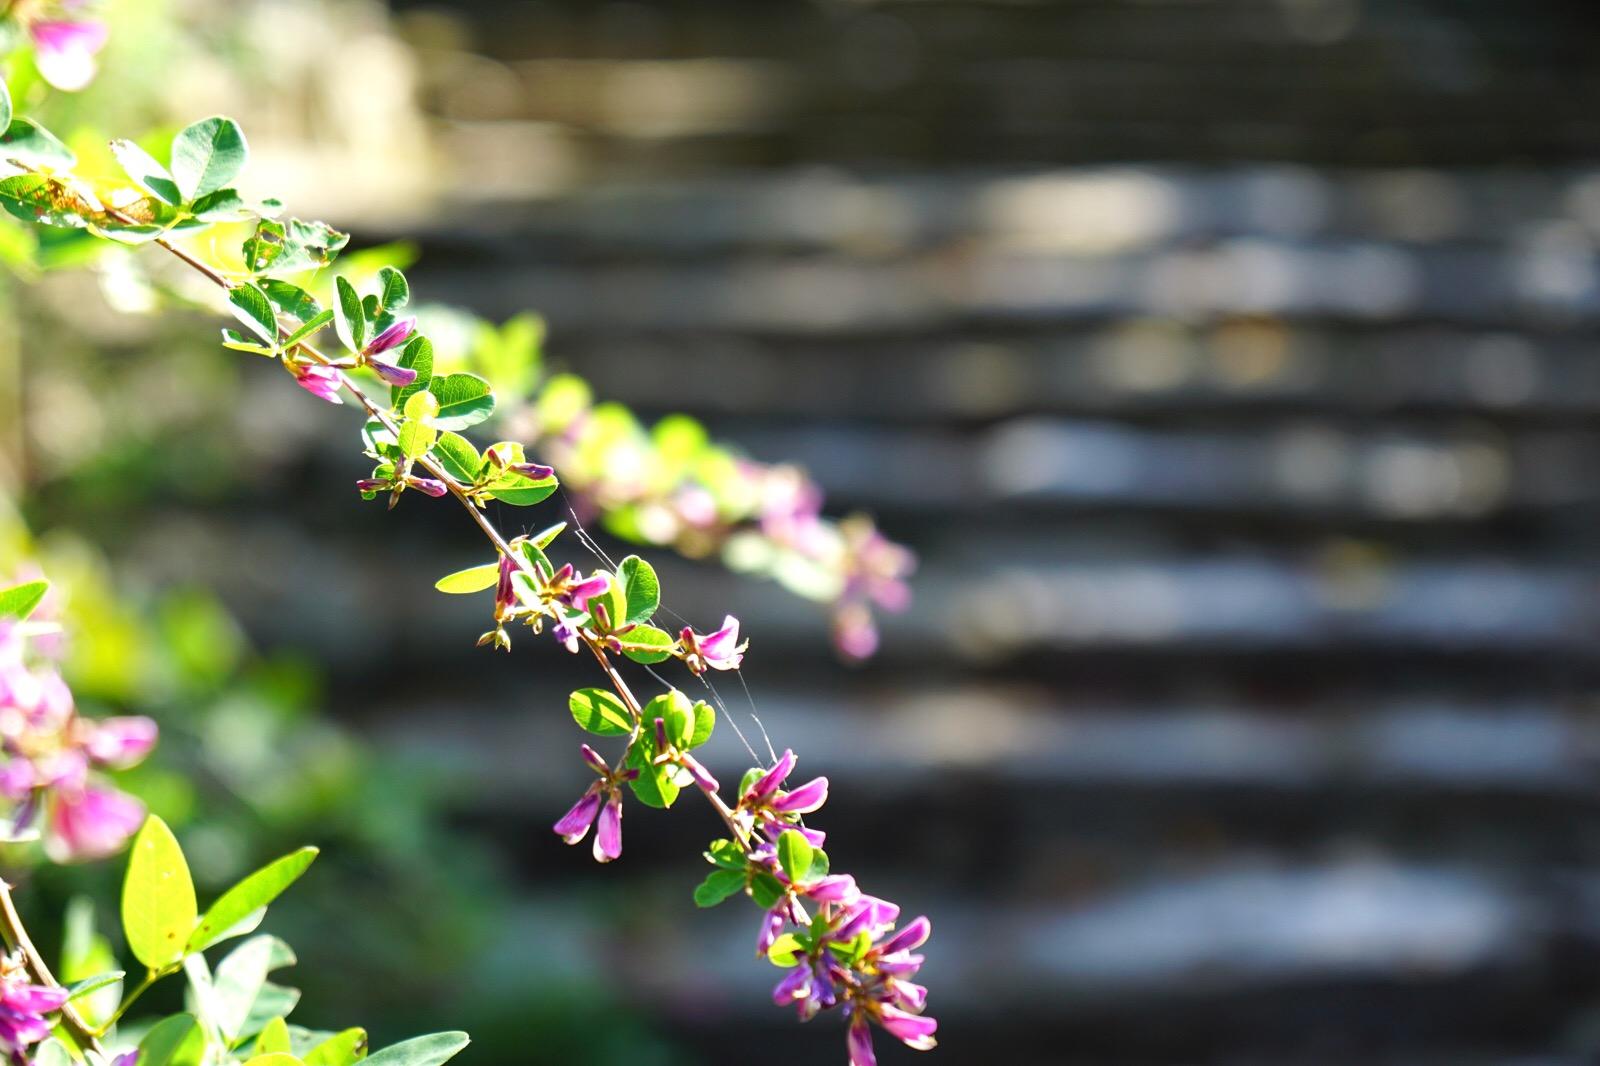 白毫寺の石段はとても雰囲気があります。濡れた石段に萩の花が映えてとても綺麗でした。